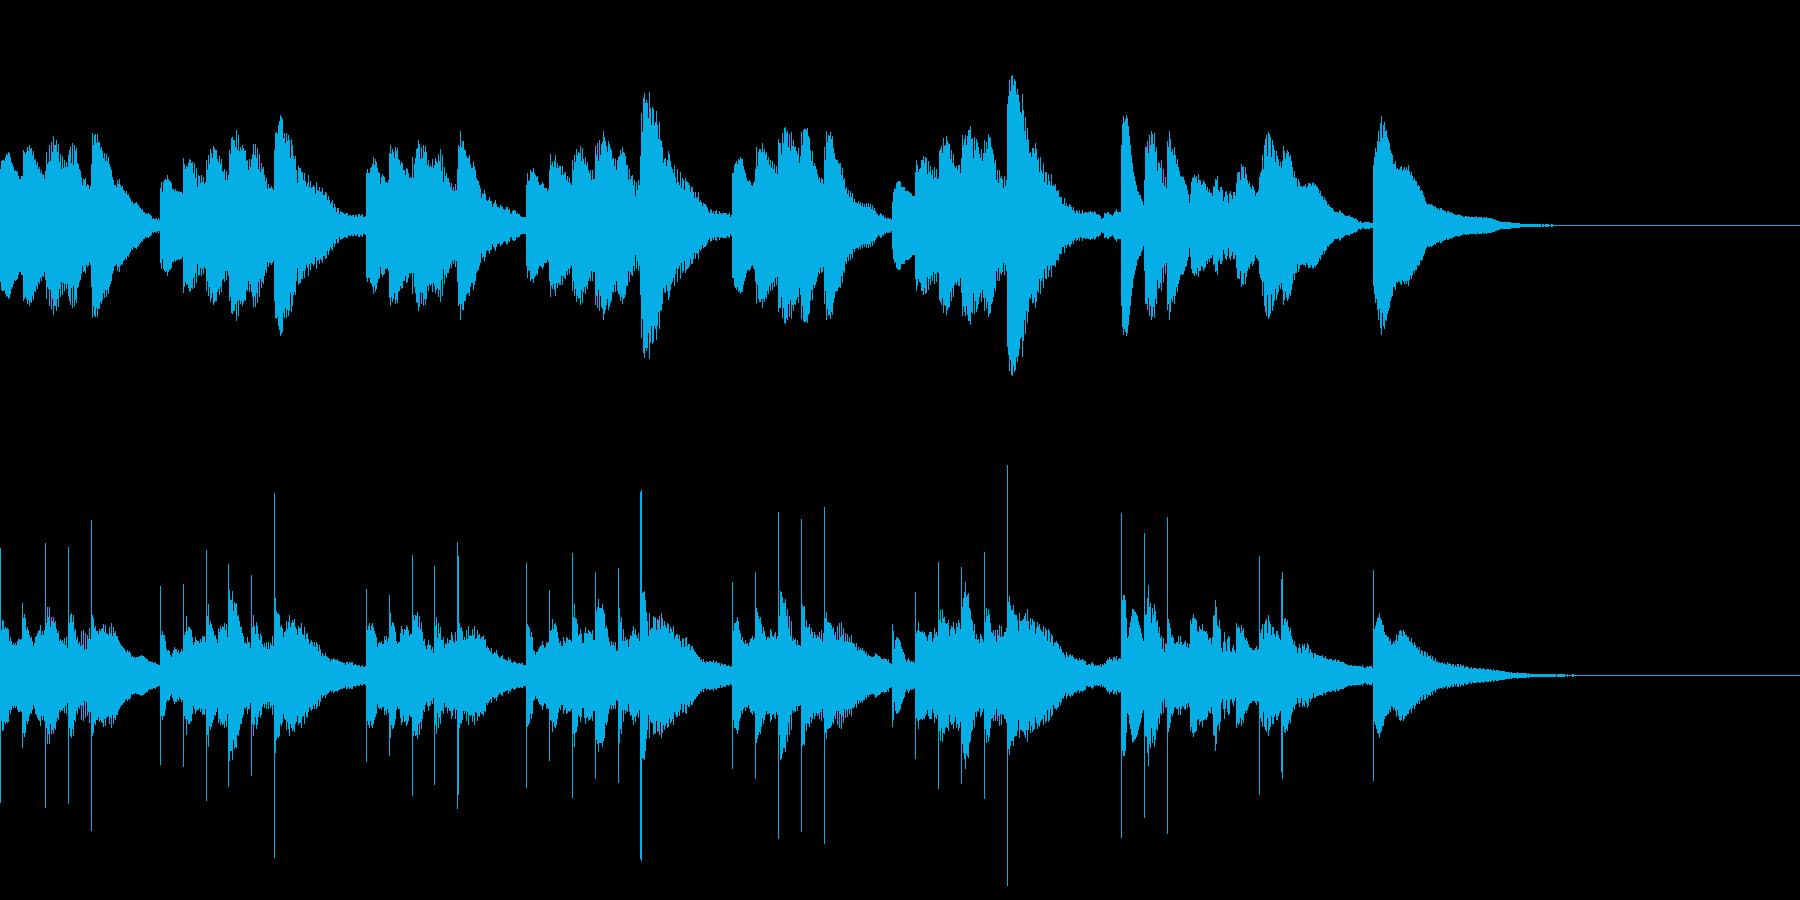 マリンバとグロッケンのジングル4の再生済みの波形